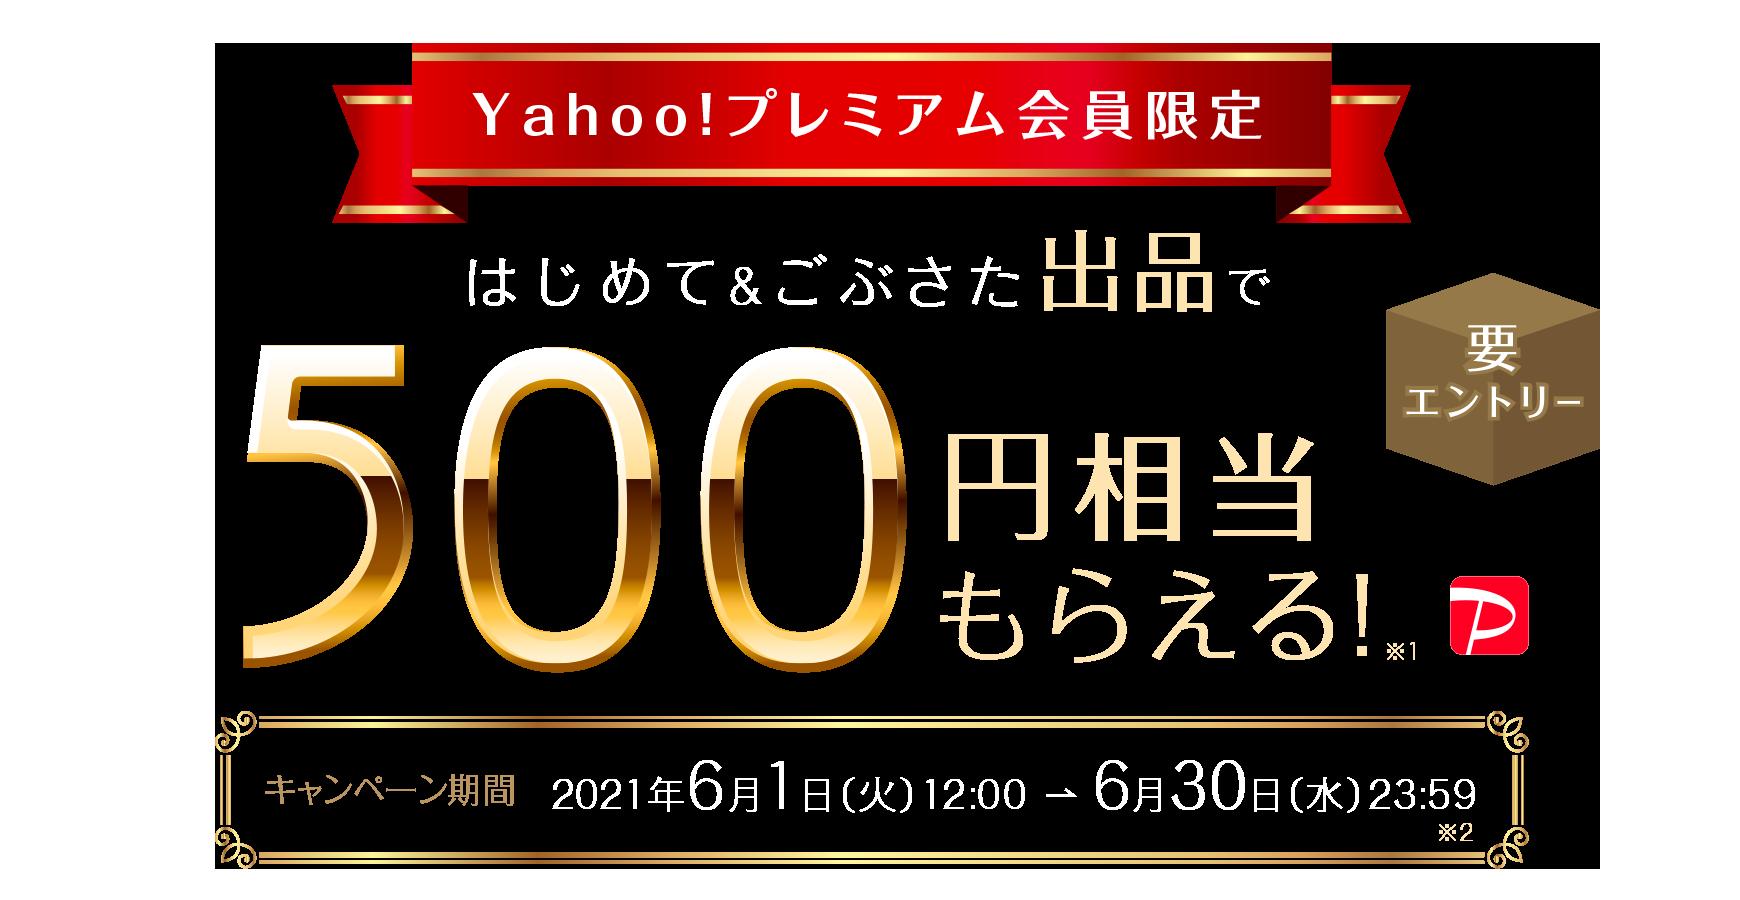 ヤフオクで初めて&ごふさたの出品で売れても売れなくても500円相当PayPayが貰える。Yahoo!プレミアム会員限定。~6/30。